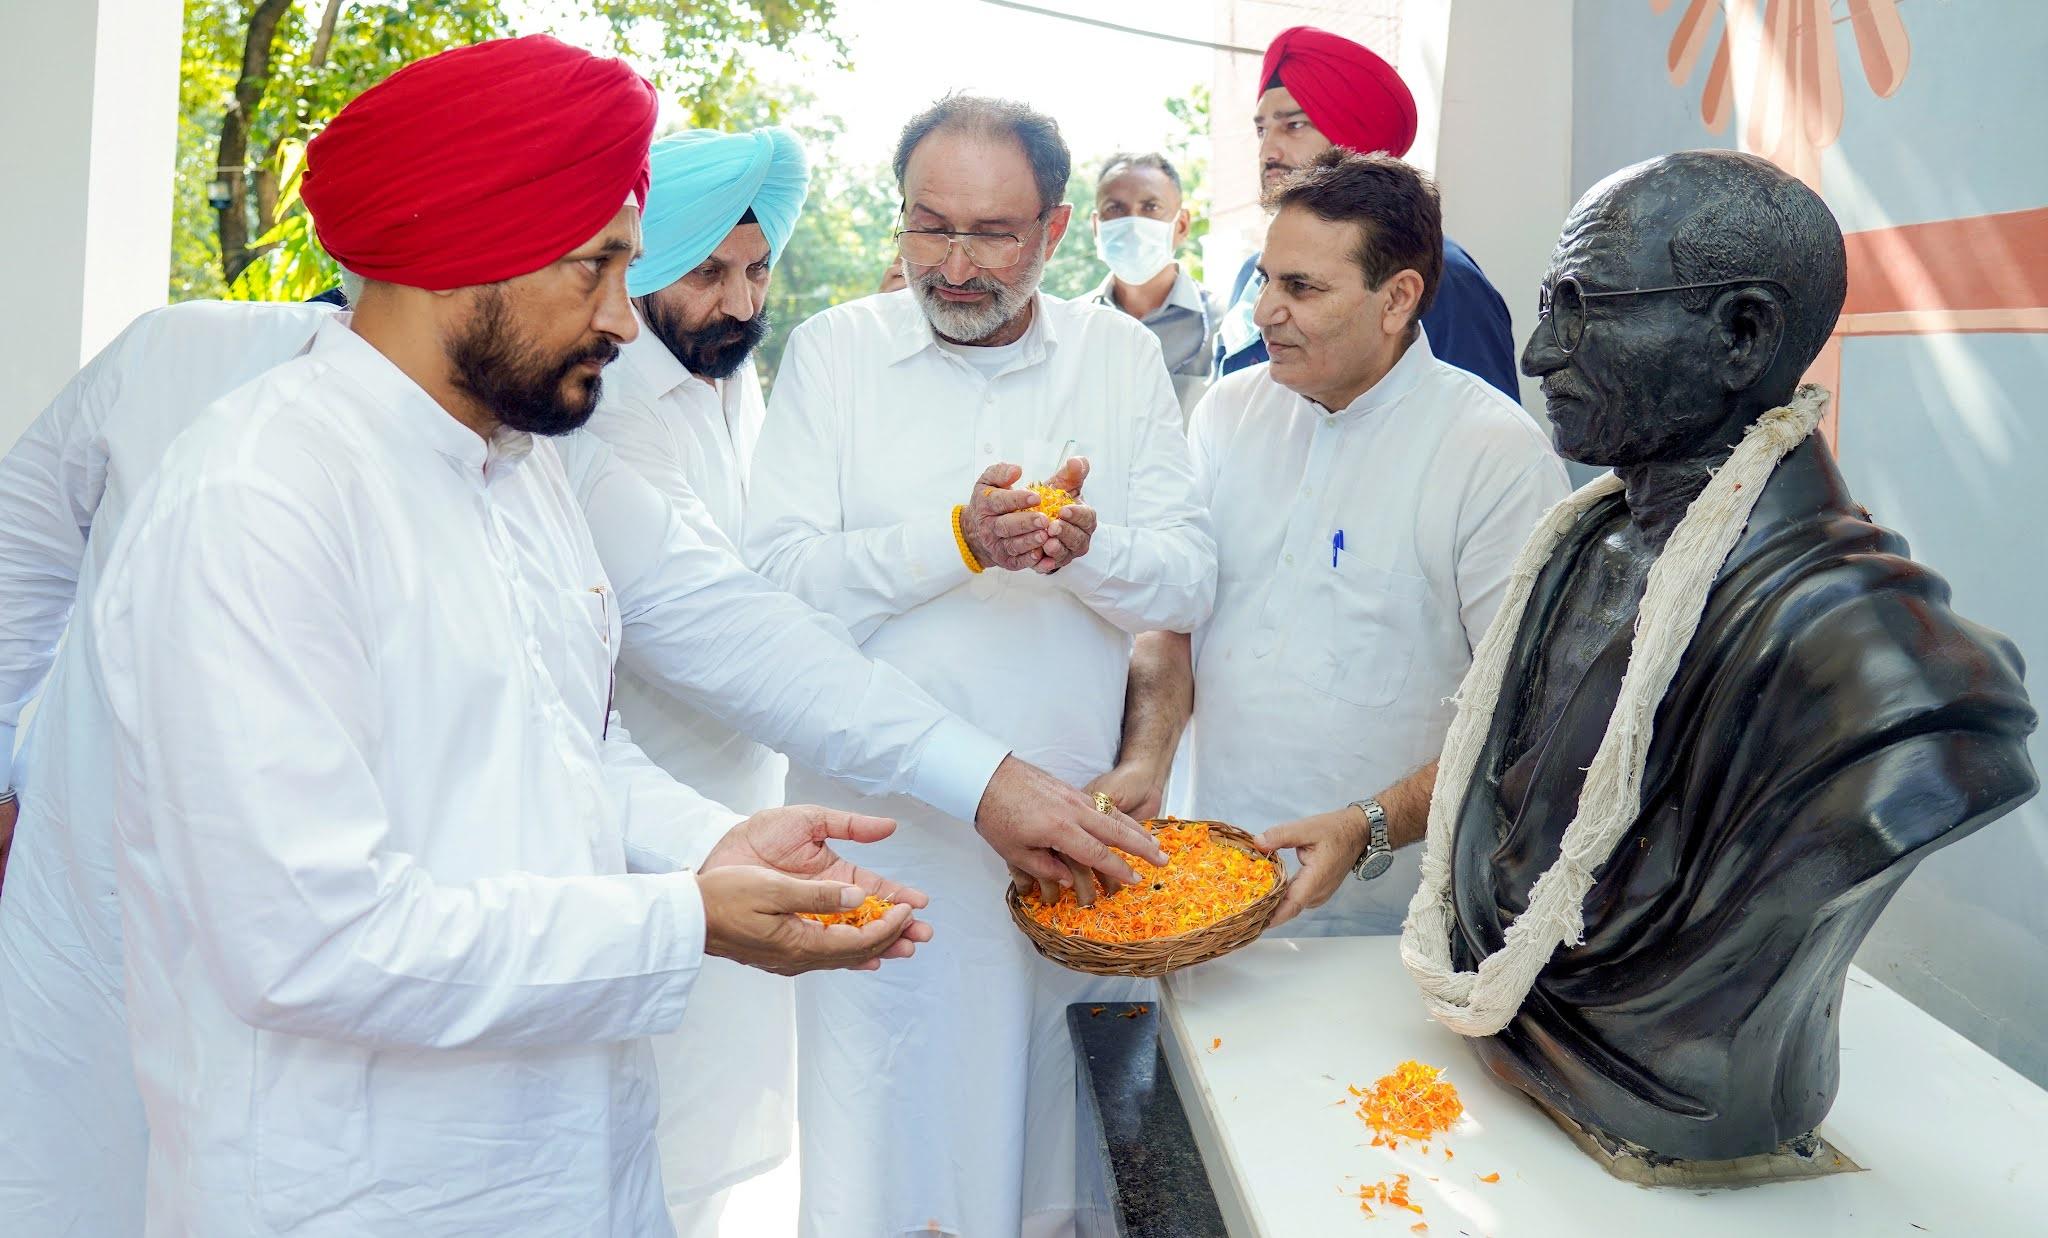 डंडा राज की बजाय लोकतांत्रिक मूल्यों का सम्मान करो: मुख्यमंत्री